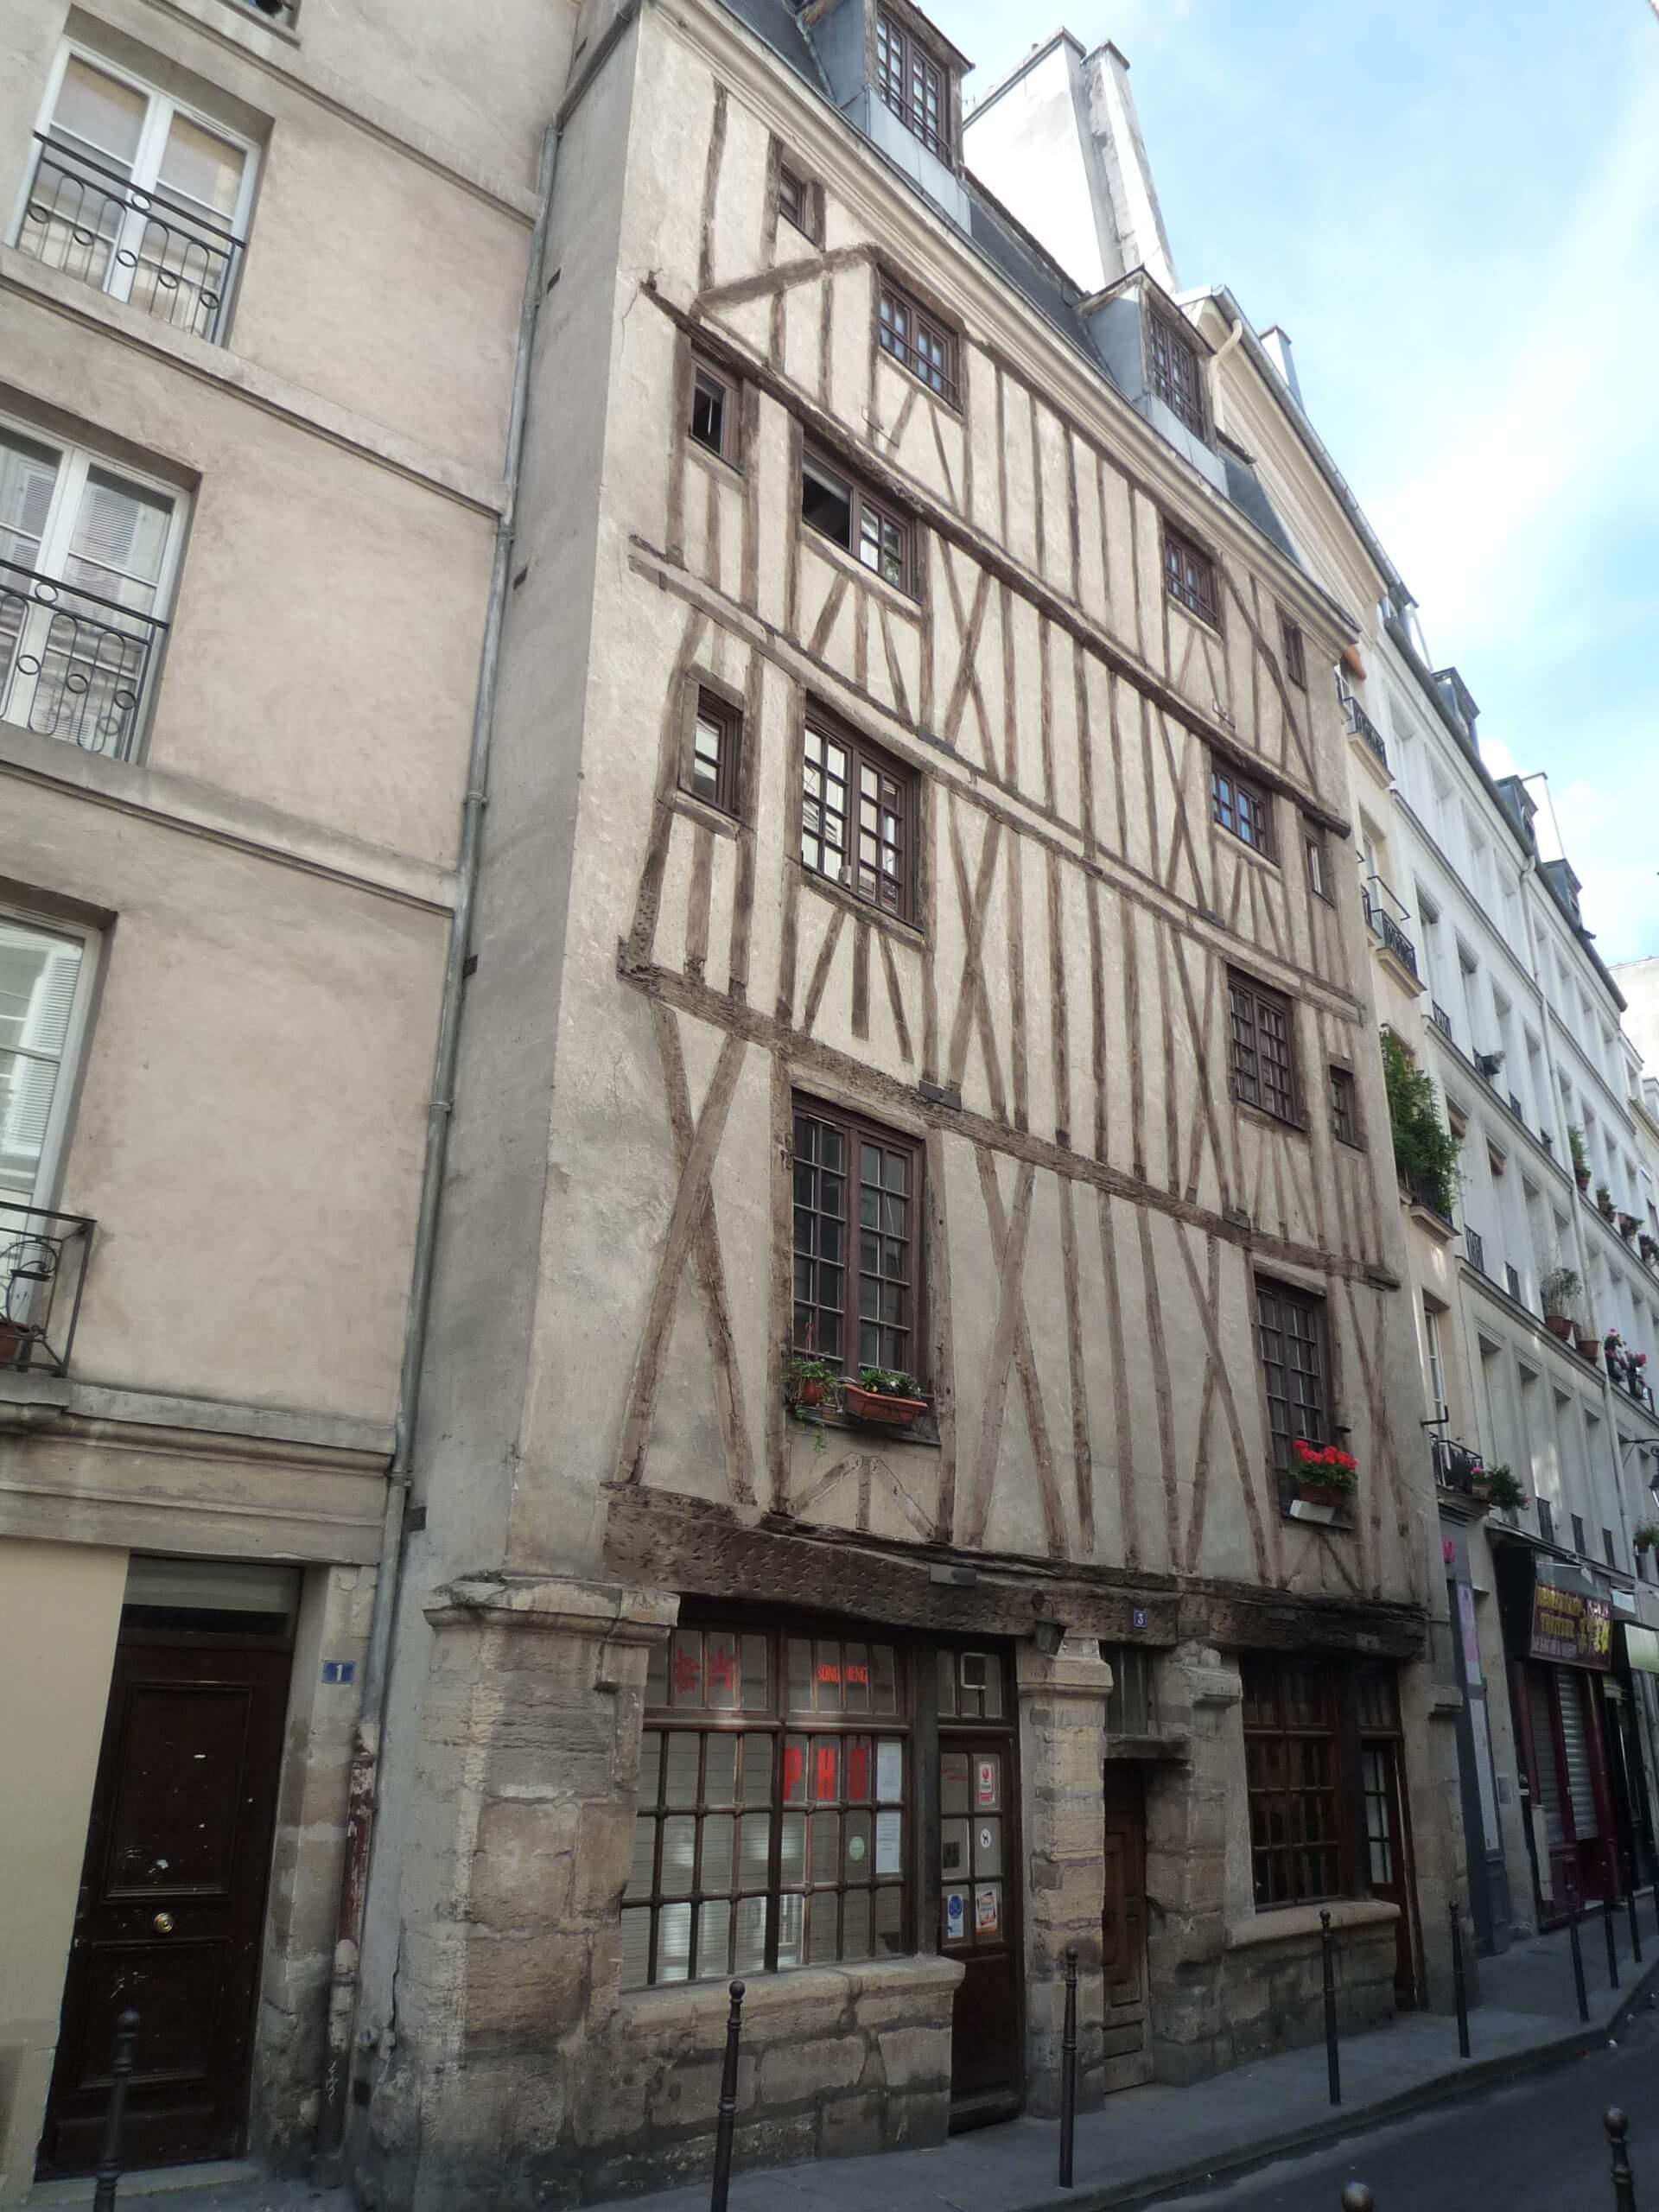 La plus vieille maison de paris architectureanecdotes - La maison paris 17 ...